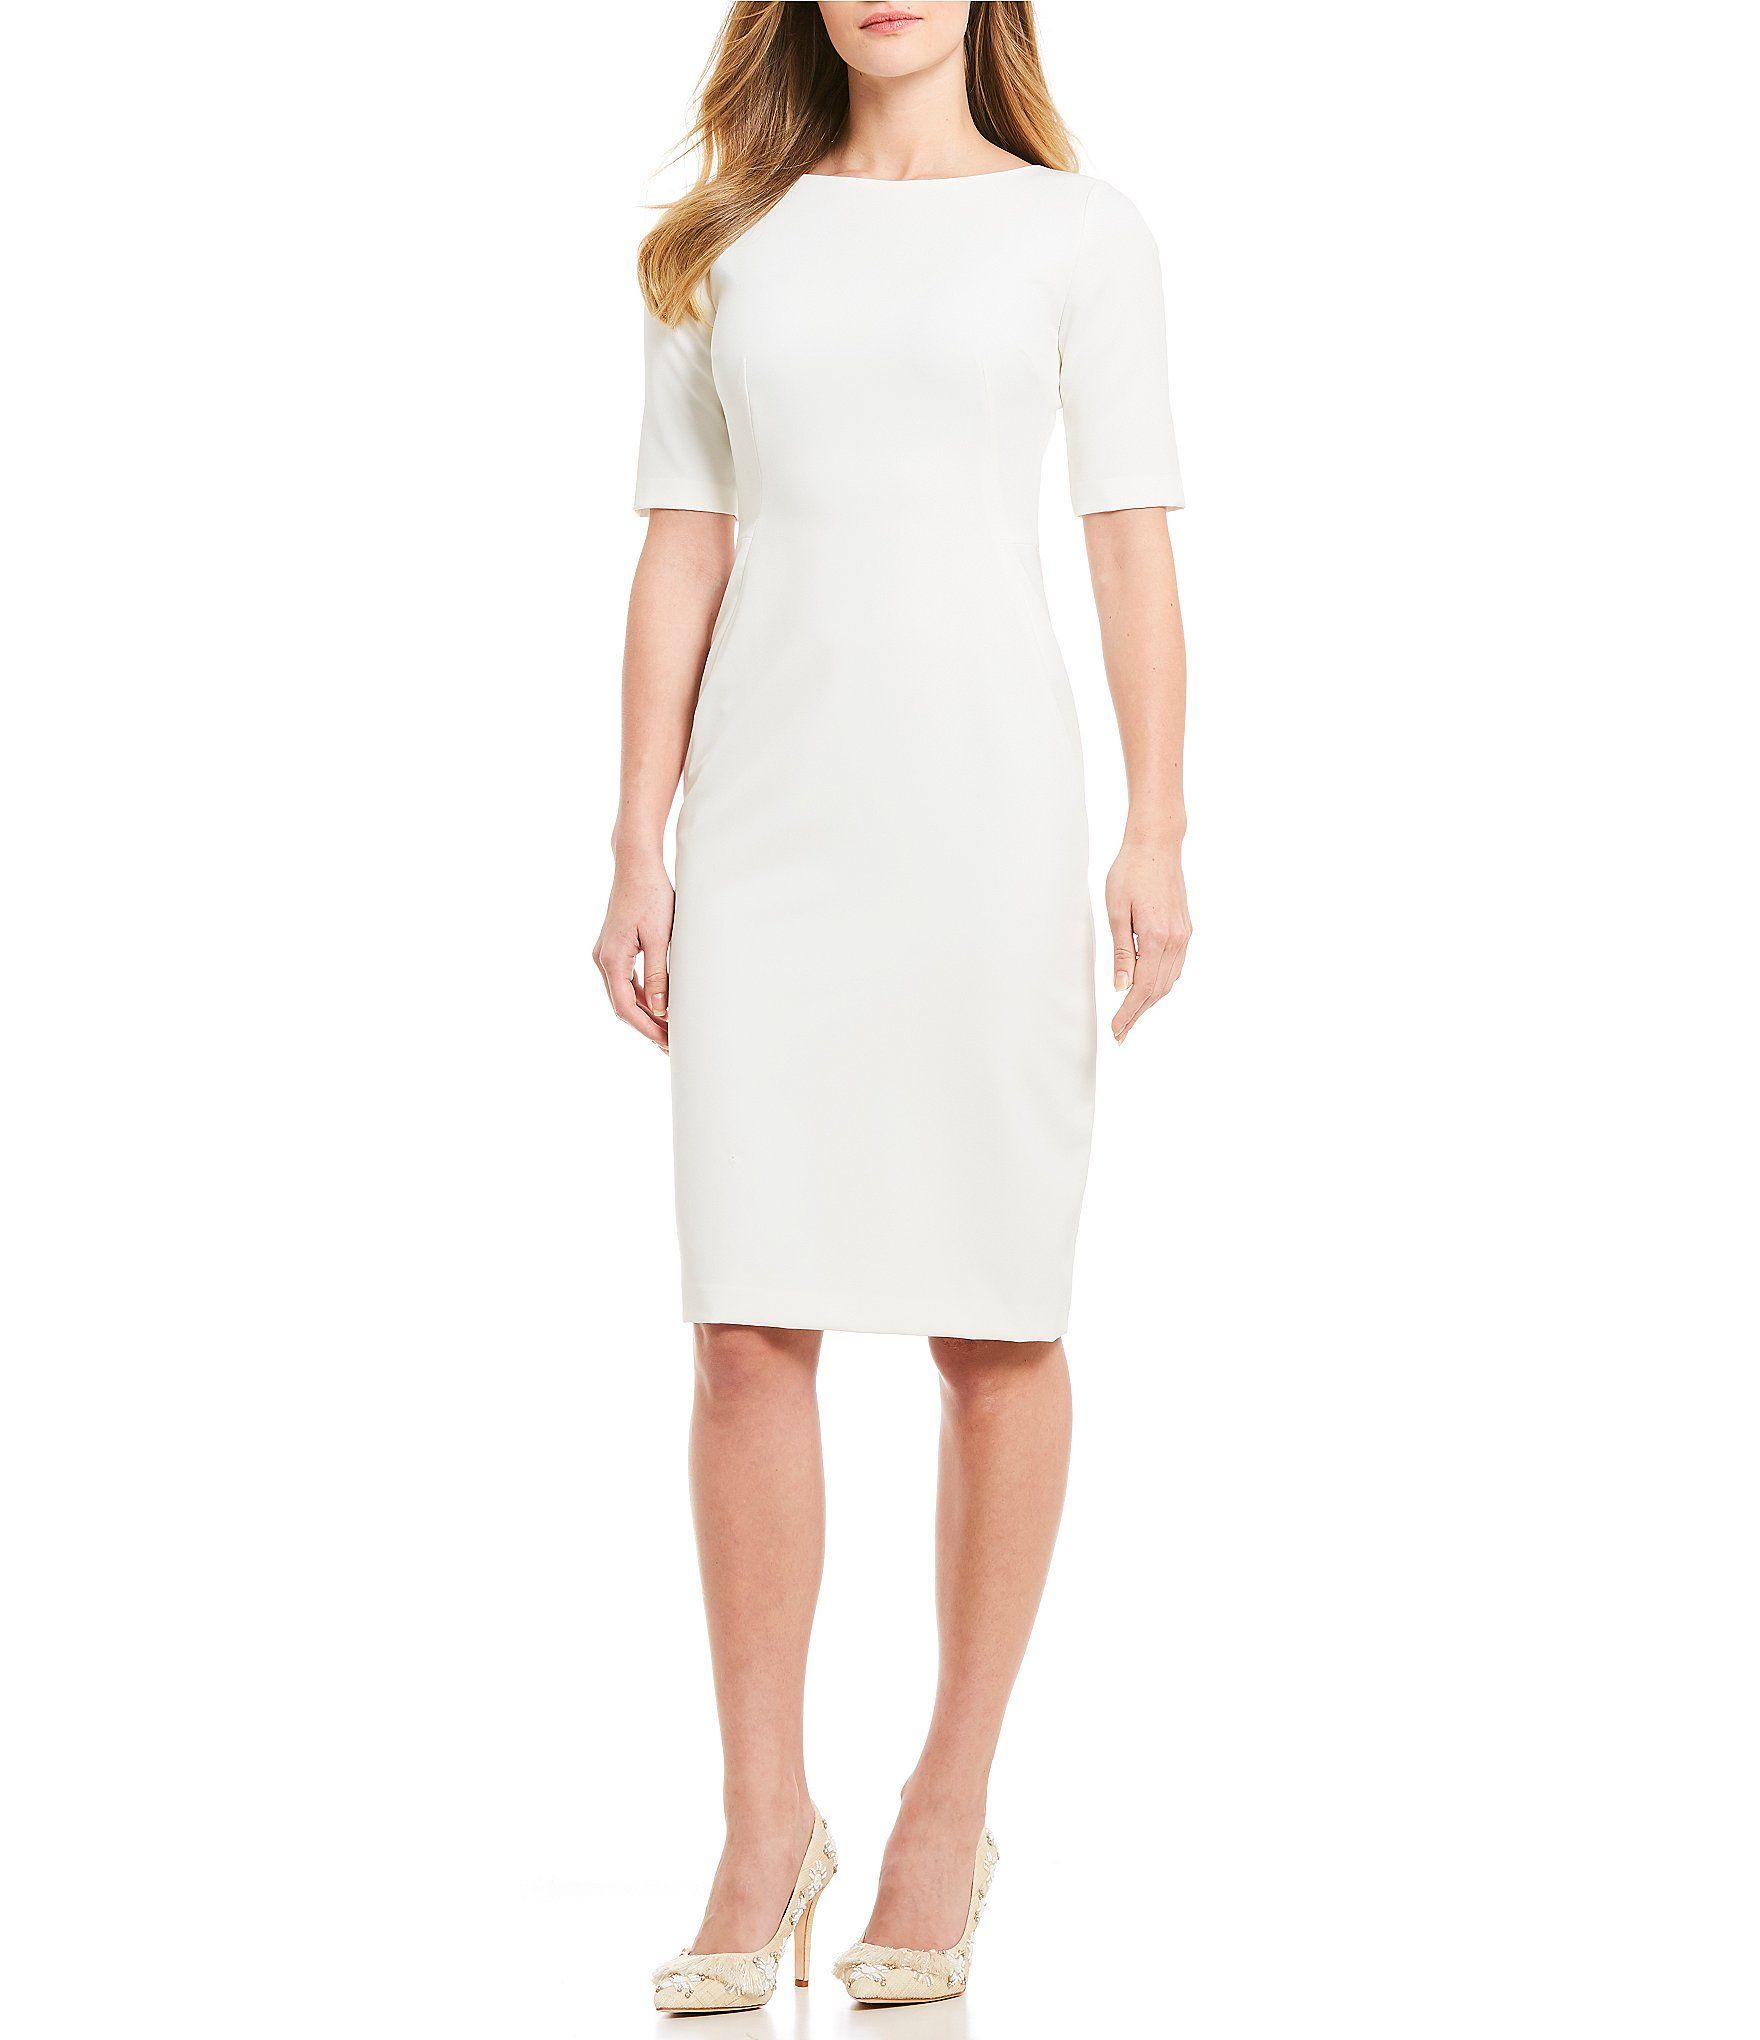 18++ White dress at dillards information